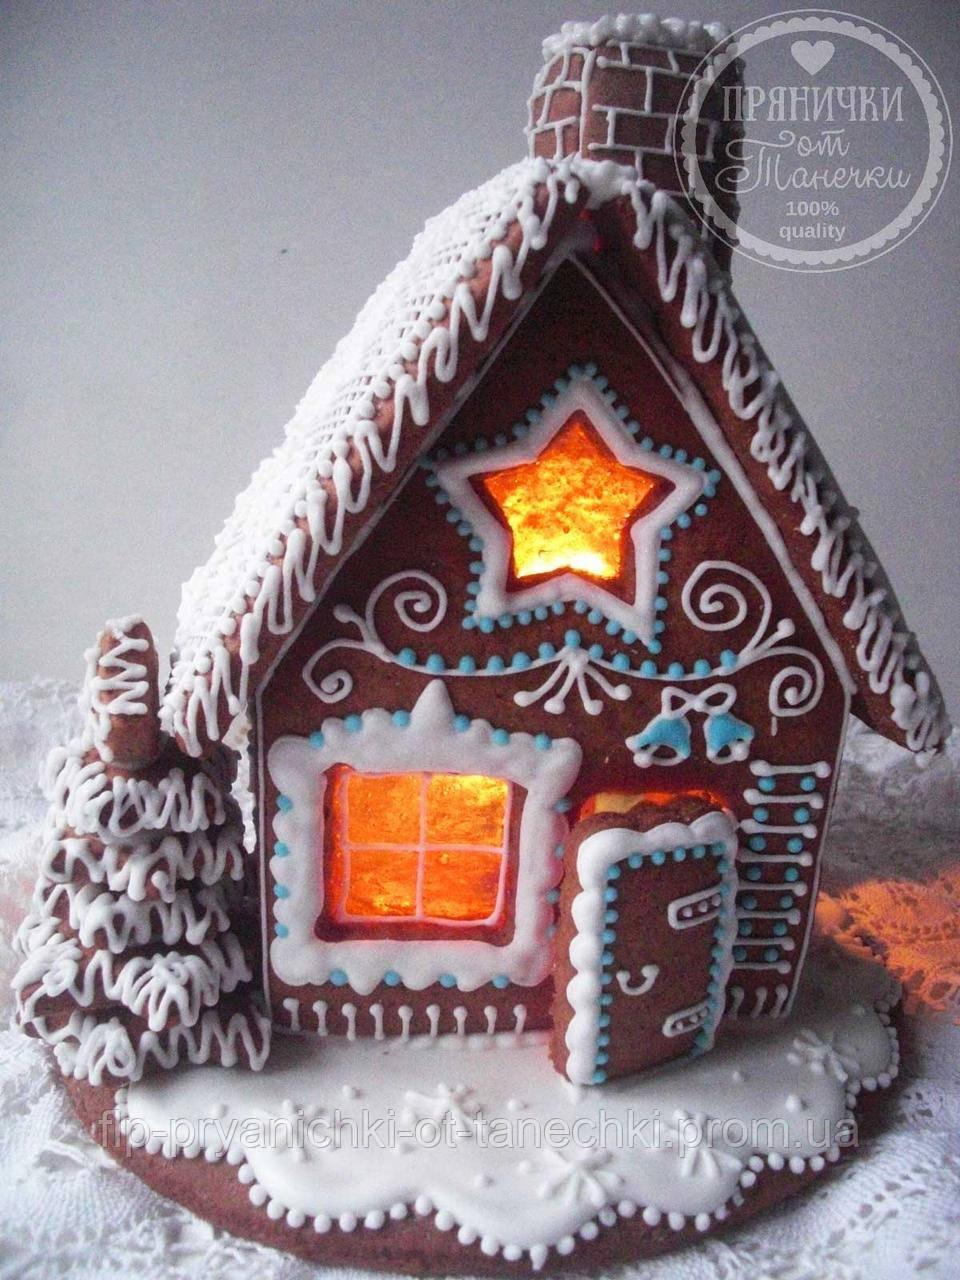 """Пряниковий будиночок з ялинкою і димоходом """"Скоро Новий рік!"""""""